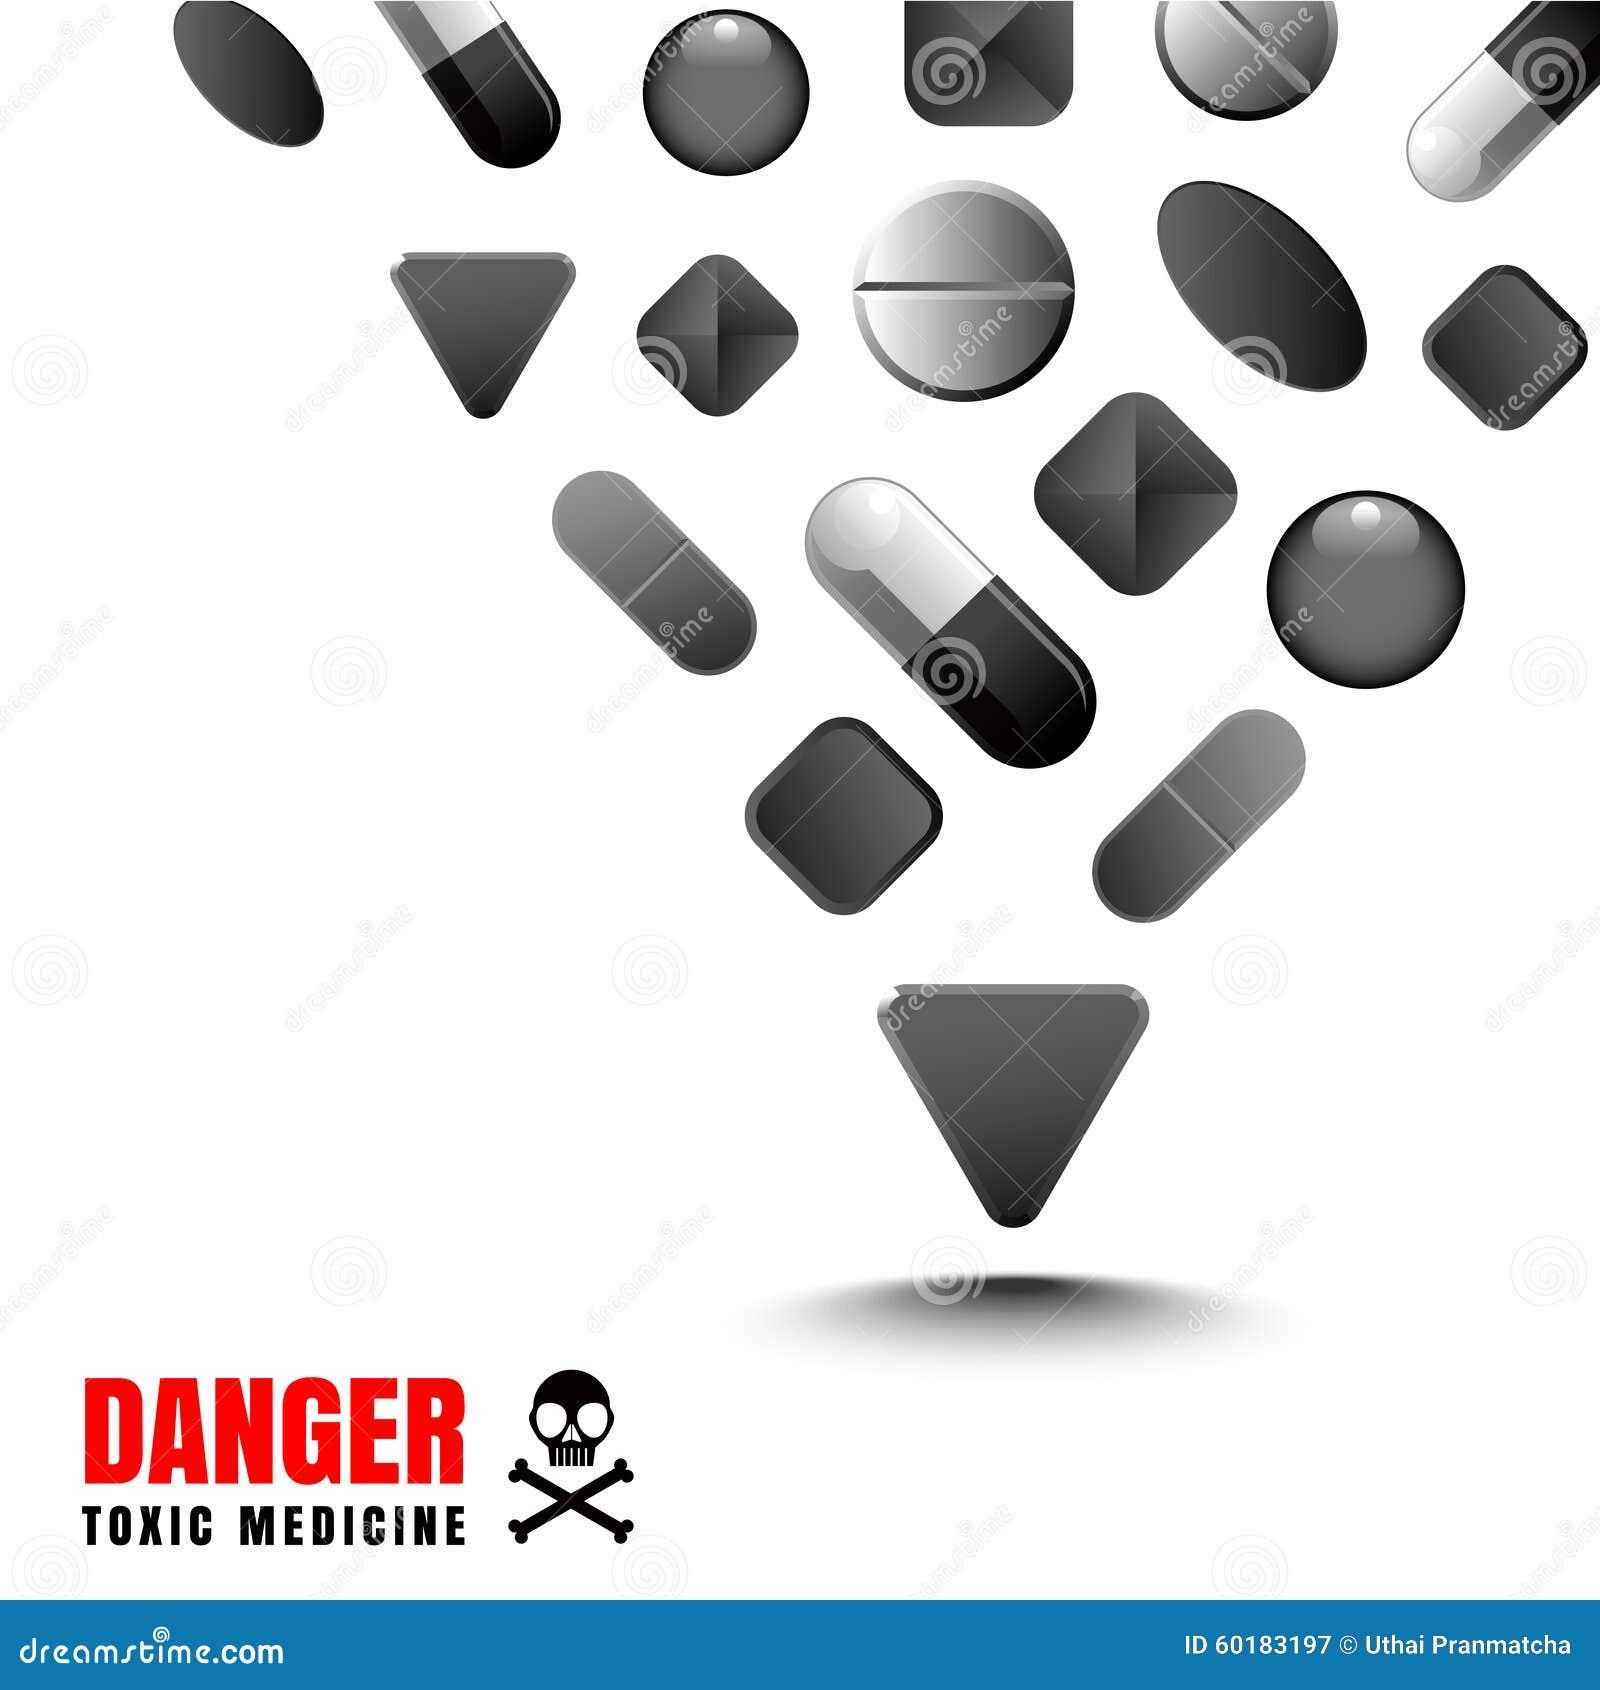 Vertegenwoordigt de drug zwarte kleur gevaarlijk en giftig